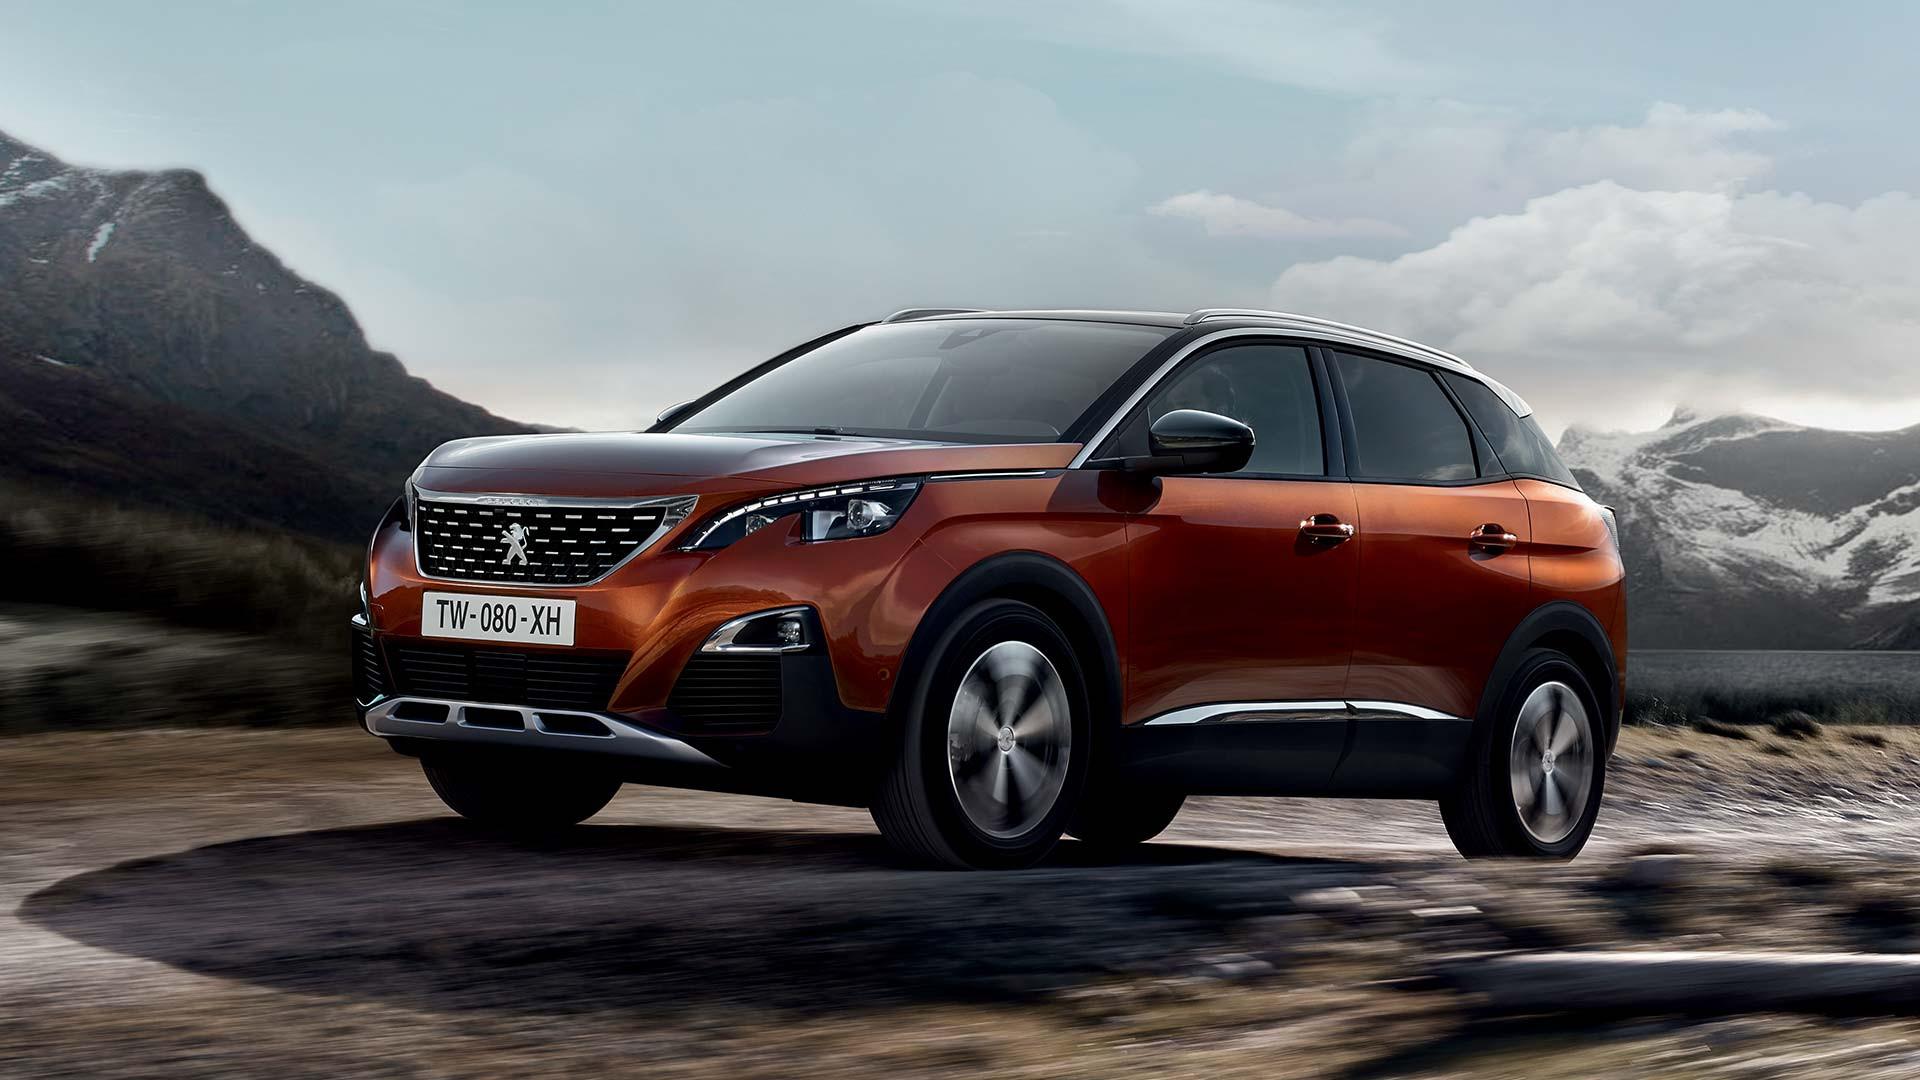 Peugeot 3008 suv kdv yarısı bizden yılsonu kampanya